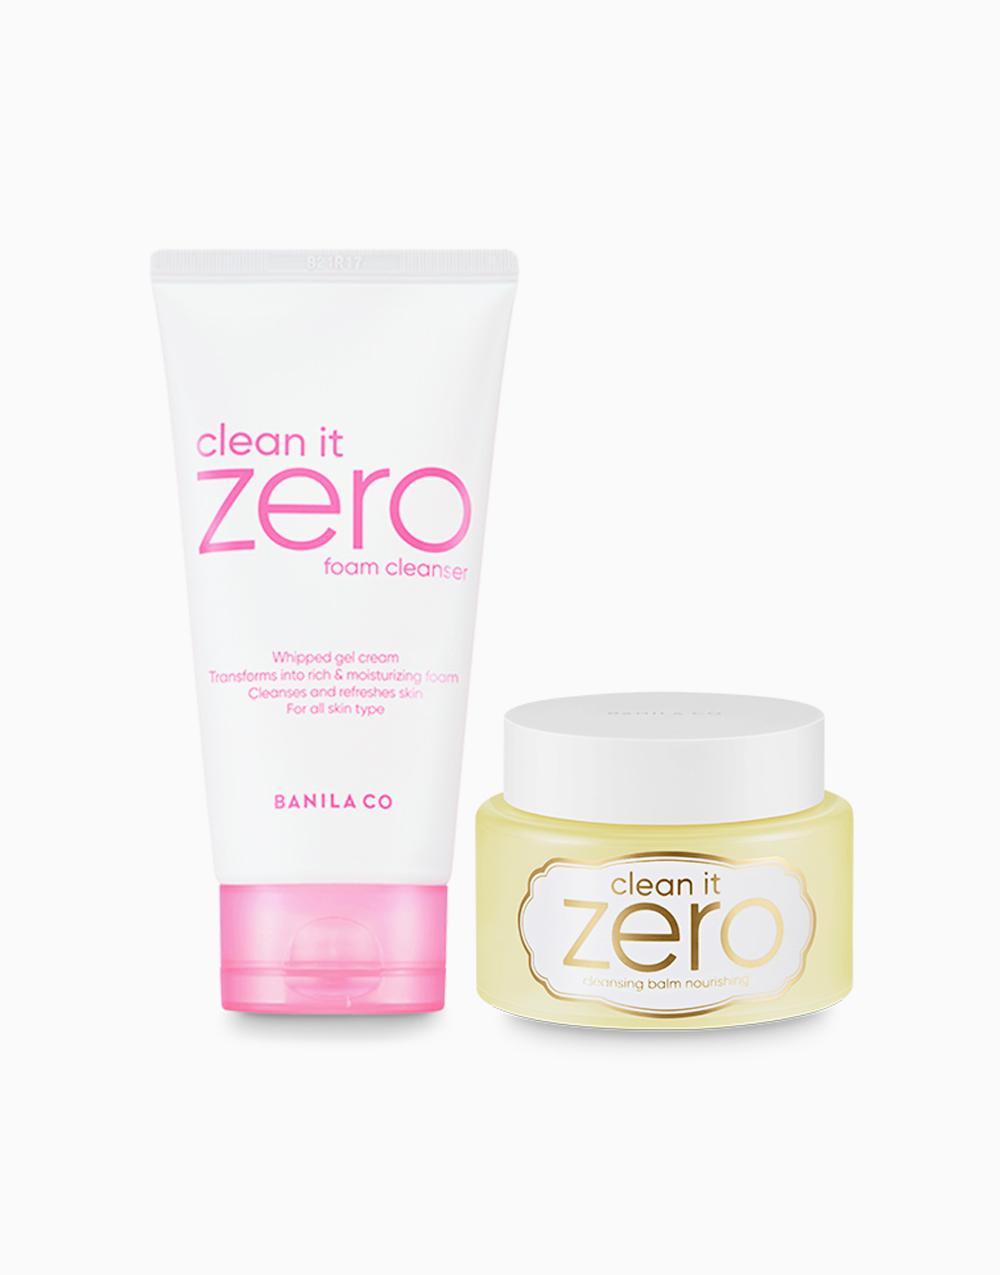 Clean It Zero Double Cleansing Duo Macaron Edition (Nourishing) by Banila Co.